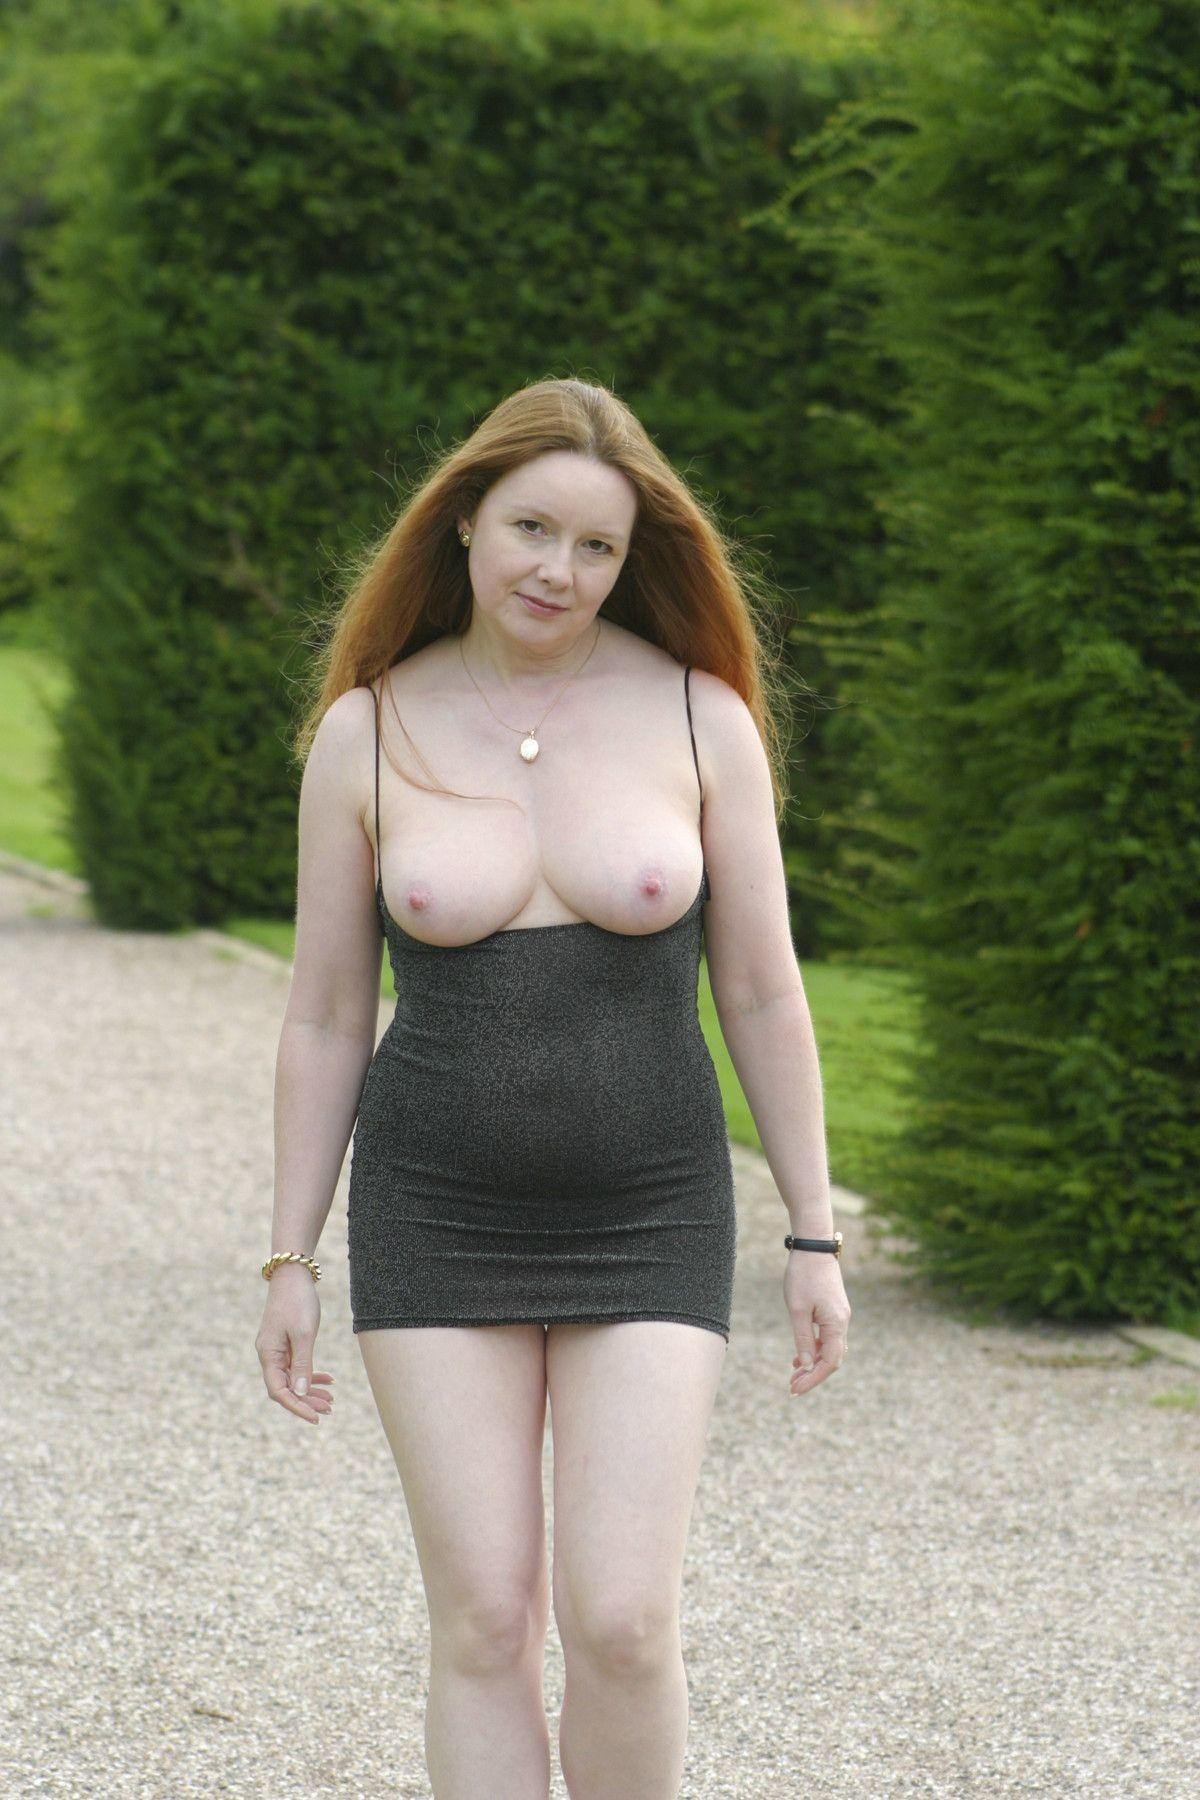 Женщина в зрелом возрасте показывает свое пышное тело, совершенно забыв о всяком стеснении